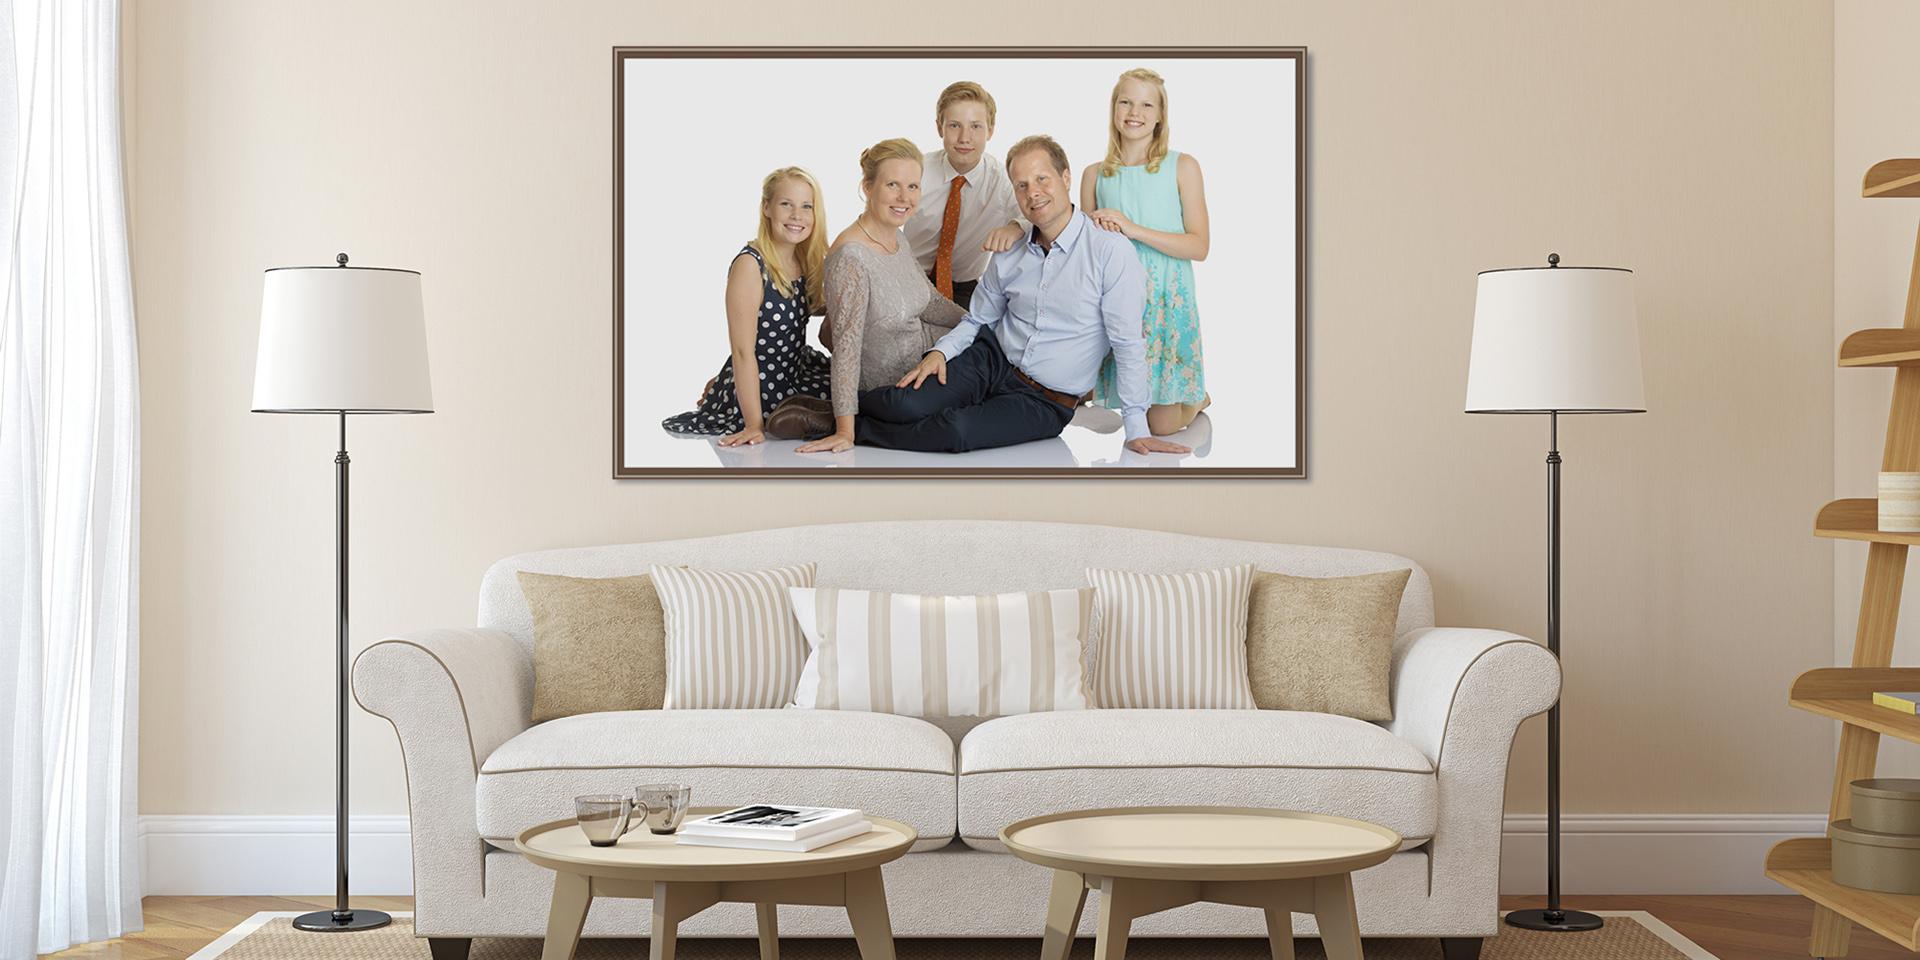 Vardagsrum med familjefoto på väggen